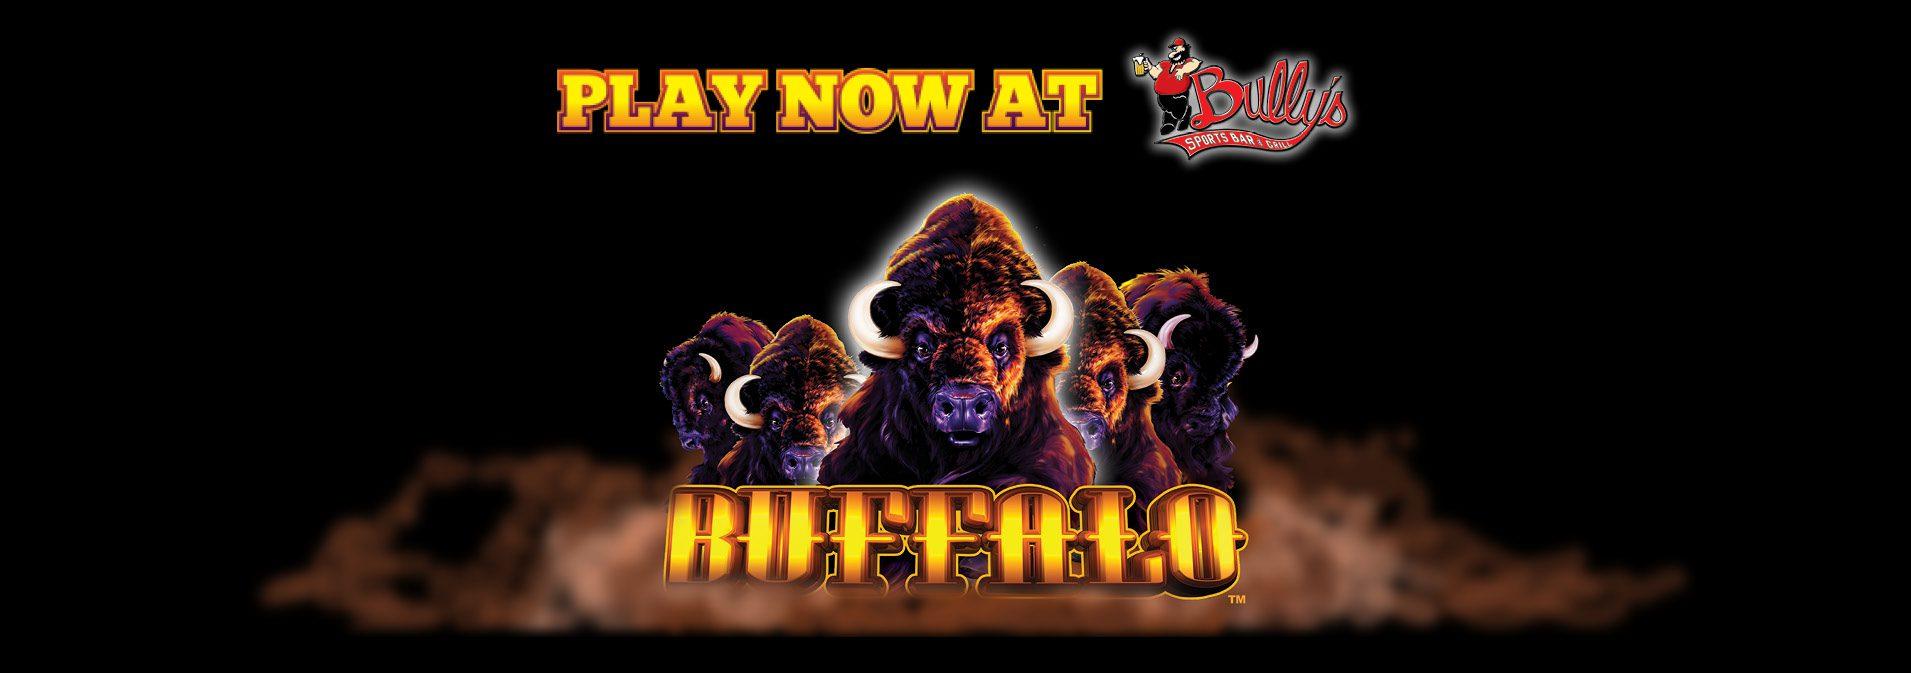 buffalo slots slots